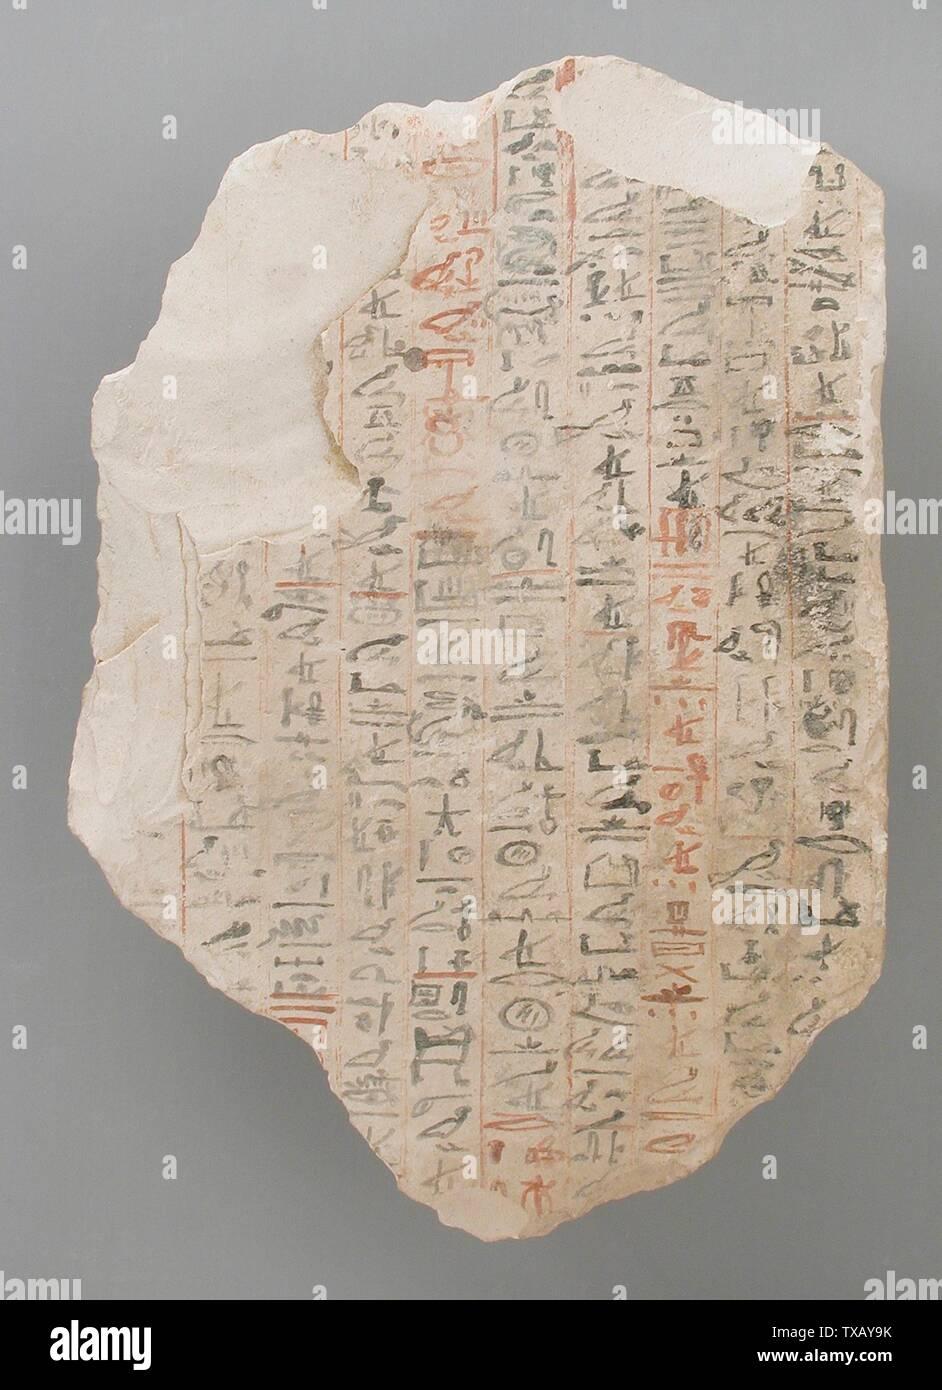 """'Ostracon avec la partie du texte littéraire """"l'Instruction du Roi Amenemhat' (image 2 de 2); l'Égypte, Nouvel Empire, 19e et 20e dynastie (1315 - 1081 avant notre ère) Outils et équipement; calcaire ostraka 7 x 4 3/4 in. (17,8 x 12,1 cm) Don de Carl W. Thomas (M.80.203.204) L'art égyptien; 19e et 20e dynastie (1315 - 1081 avant notre ère); ' Photo Stock"""